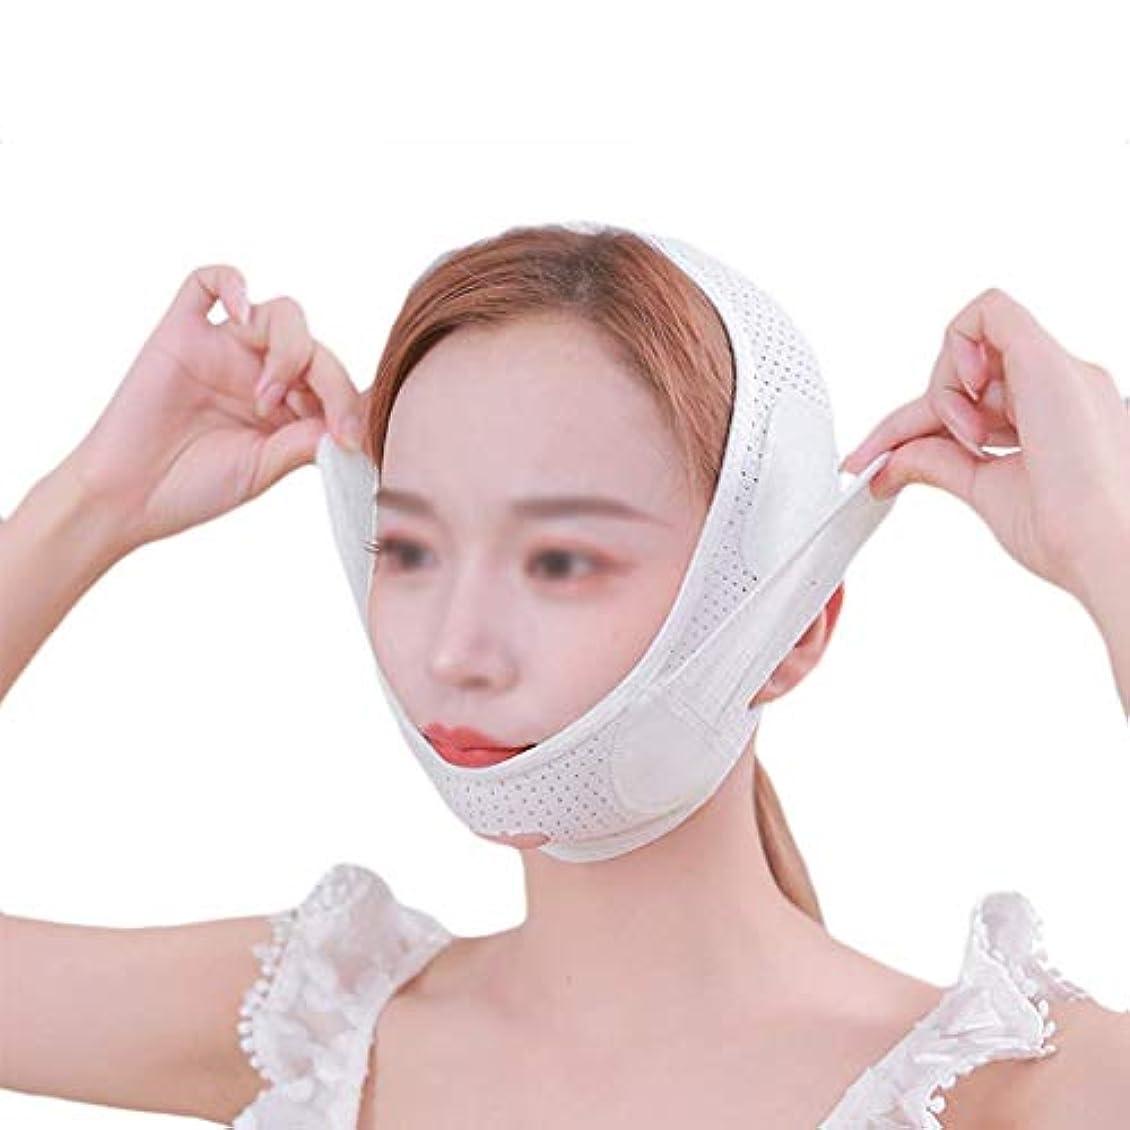 兵士火山学傷跡フェイシャルリフティング包帯、頬スリミングマスク包帯、フェイスリフティングファーミングフェースリフティング、リフティングダブルチンフェイシャルマスク(ホワイト、フリーサイズ)